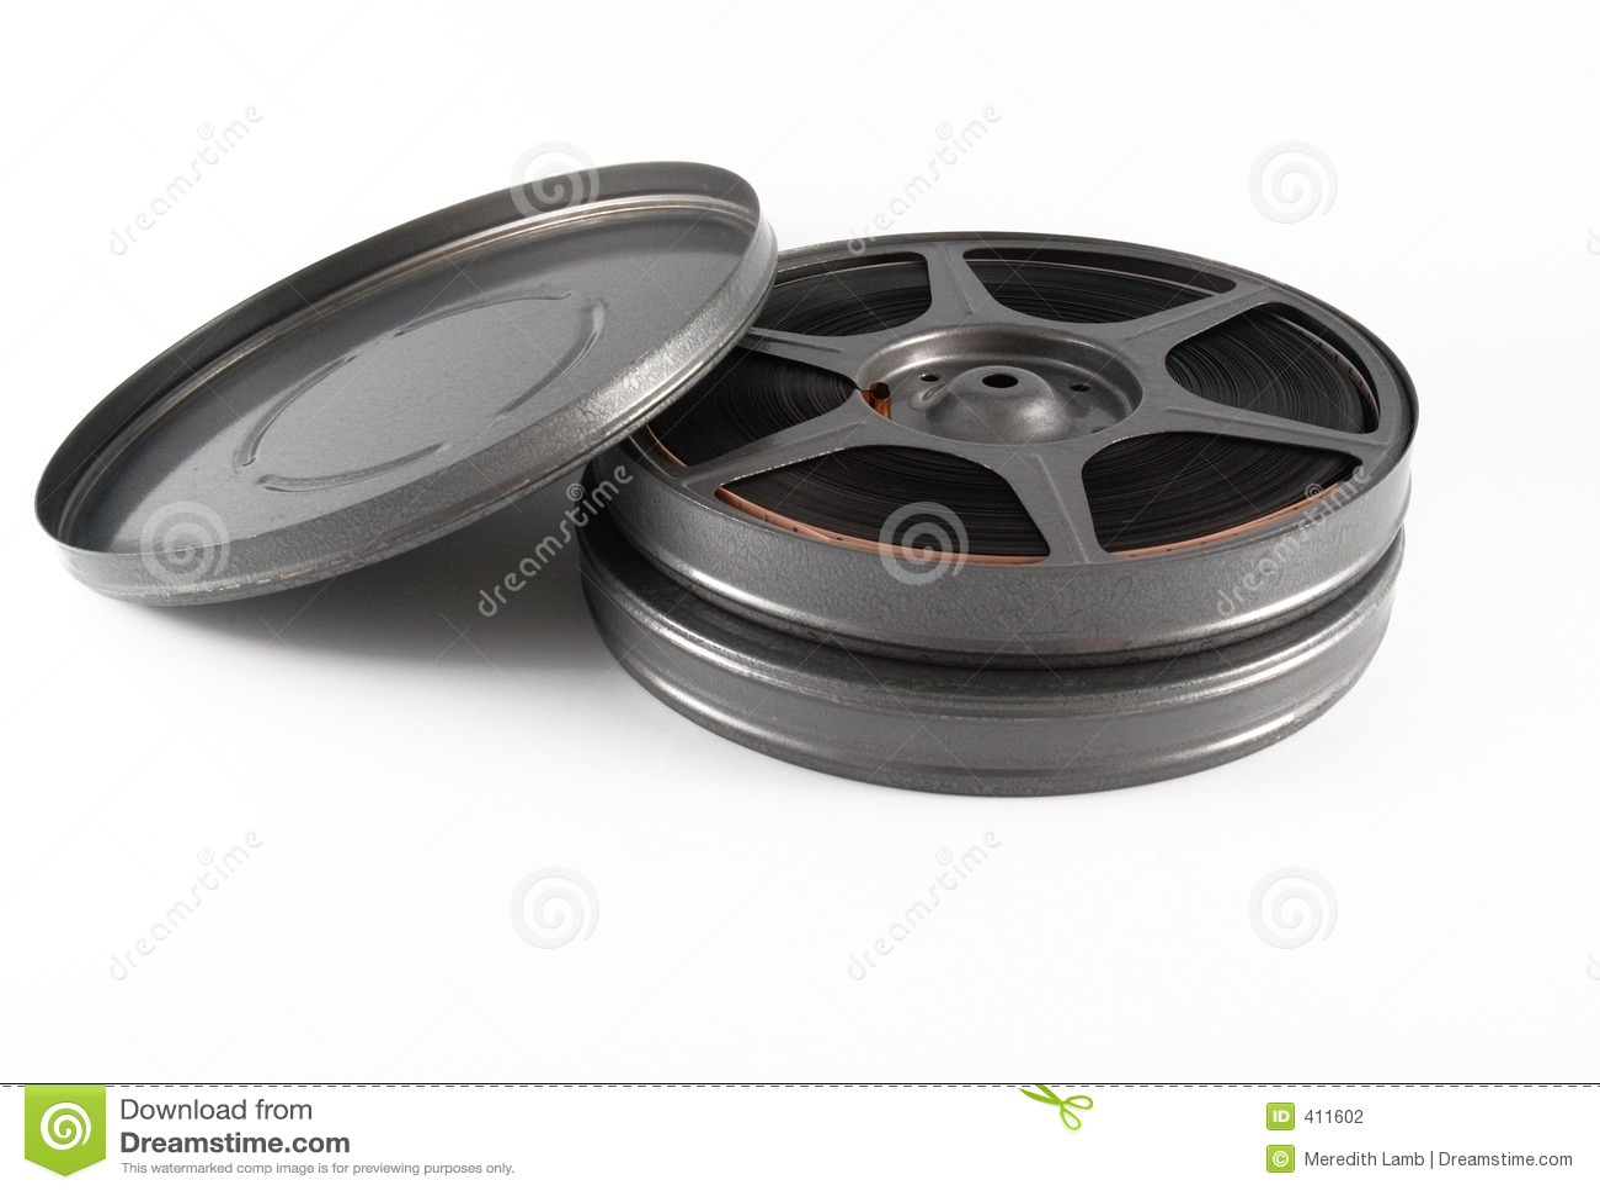 16 kanistrar film millimeter-rullen